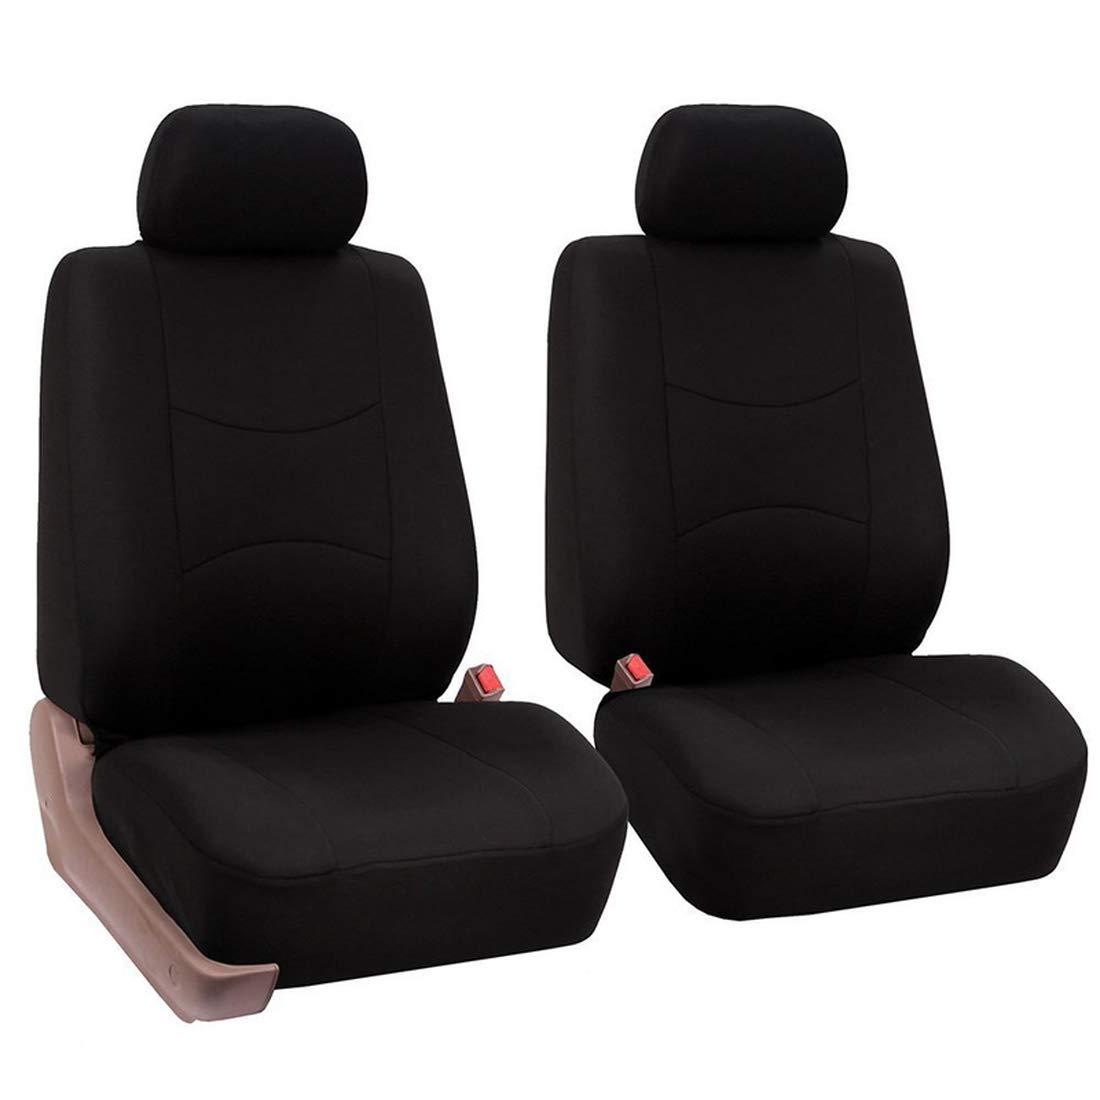 Accessori Auto Interno Set Copri-Sedile Universale con Airbag Laterali Coprisedili Auto Anteriore Universali Csatai Coprisedili Auto Universale Anteriori Copri-Sedile